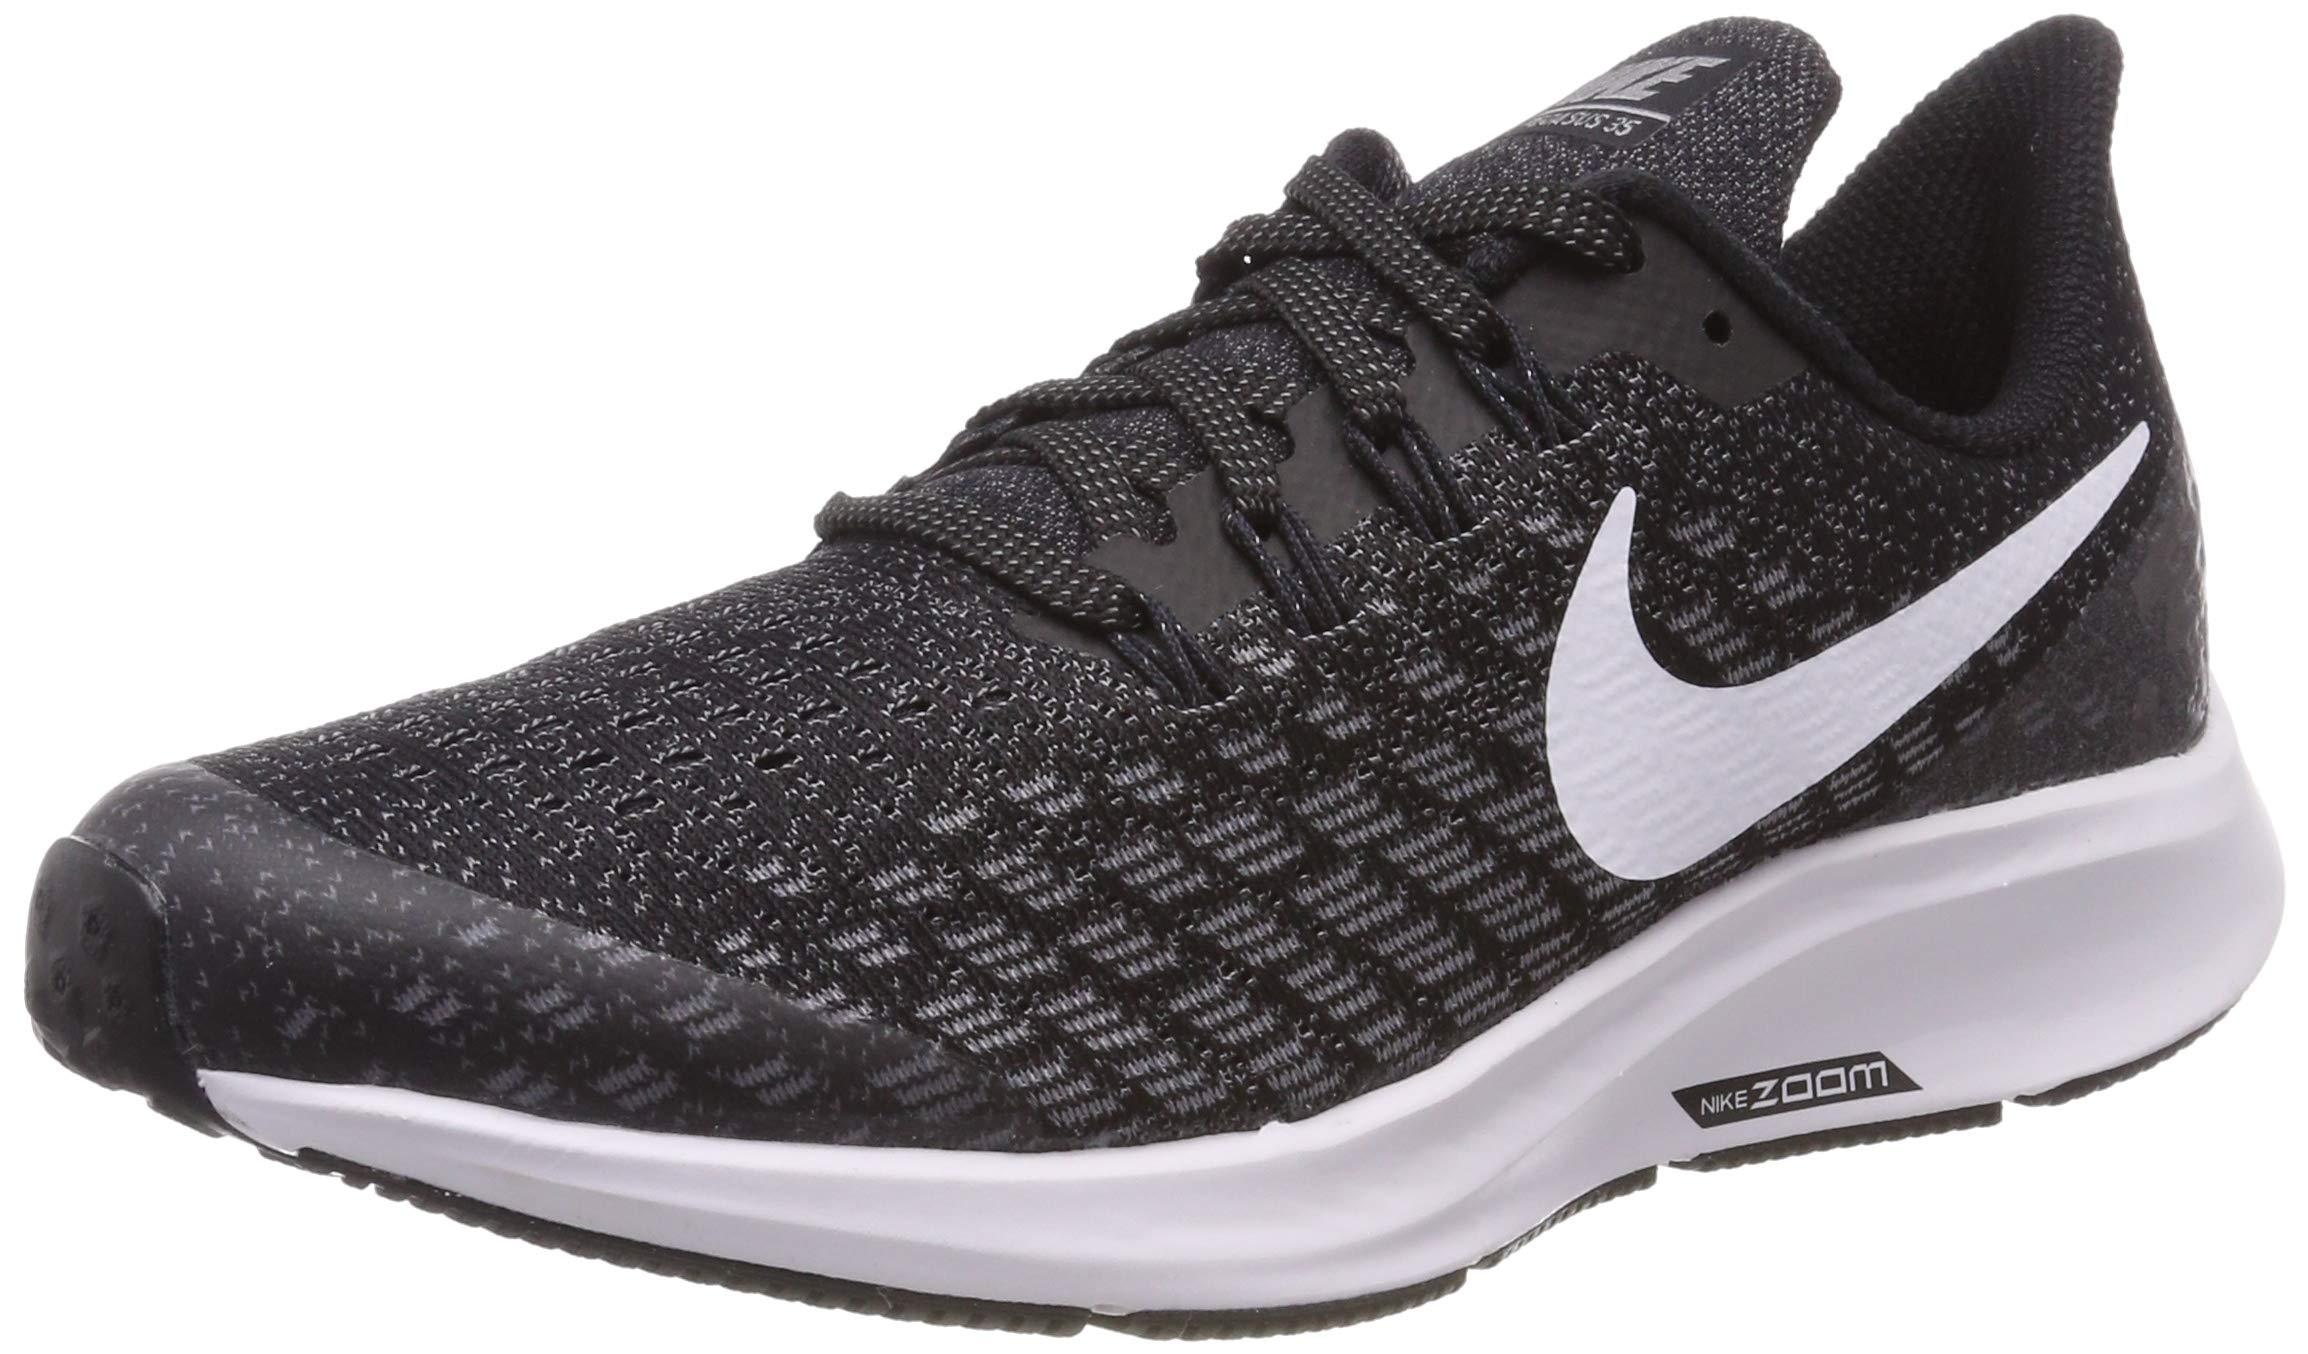 Nike Boy's Air Zoom Pegasus 35 Running Shoe Black/White/Gunsmoke/Oil Grey Size 4.5 M US